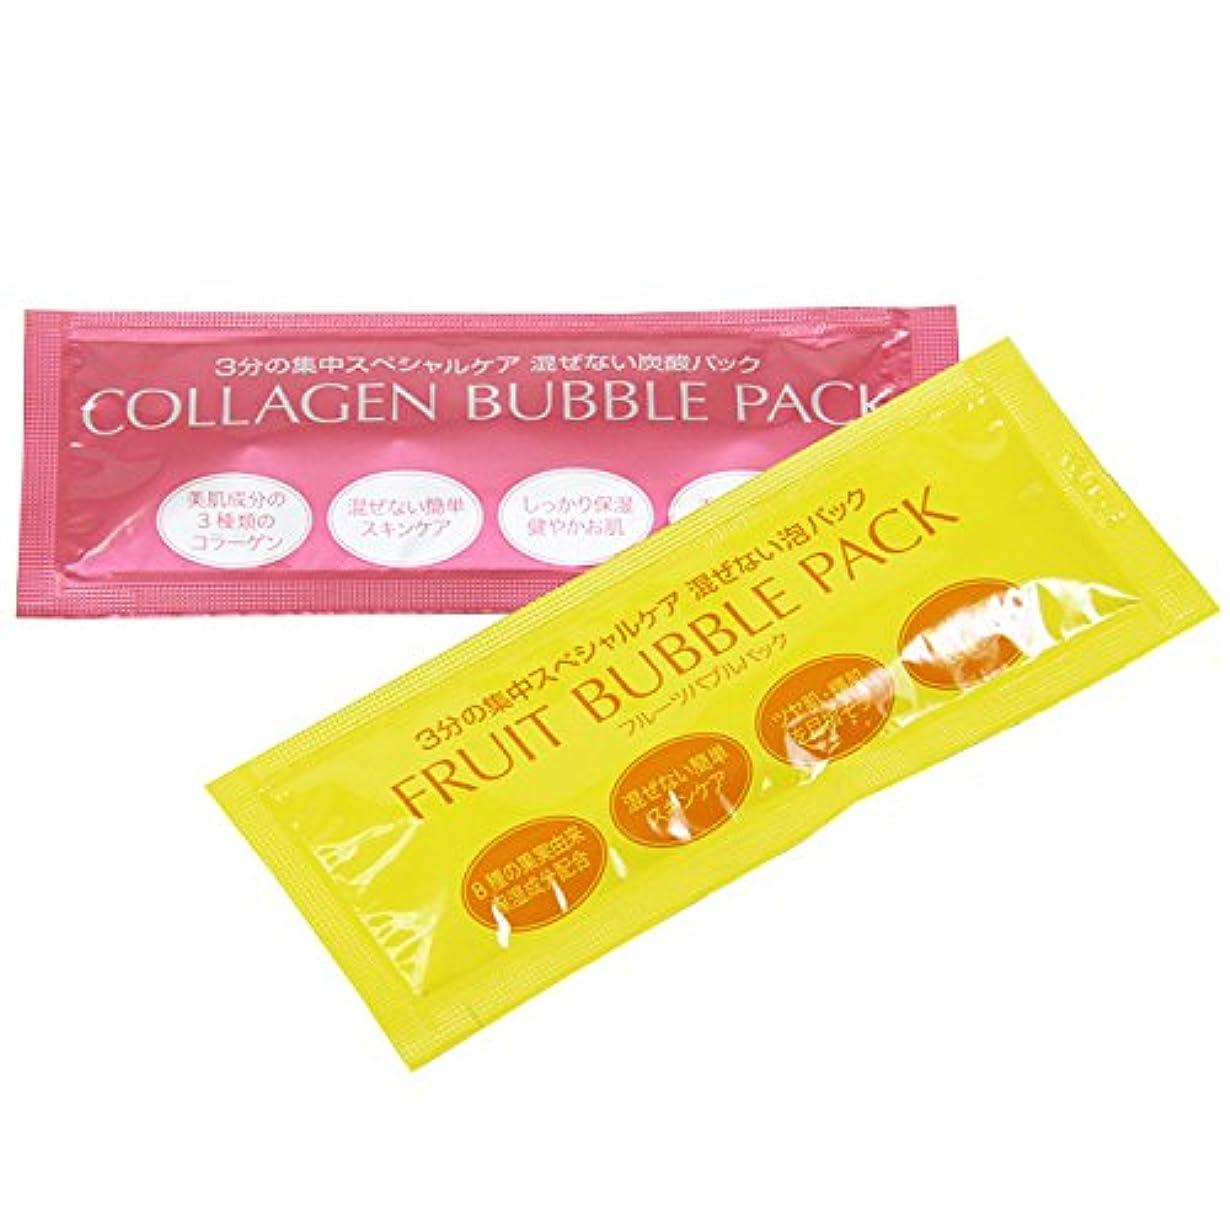 伝統的特性あいまい無添加 炭酸パック(コラーゲン1枚+フルーツ1枚)